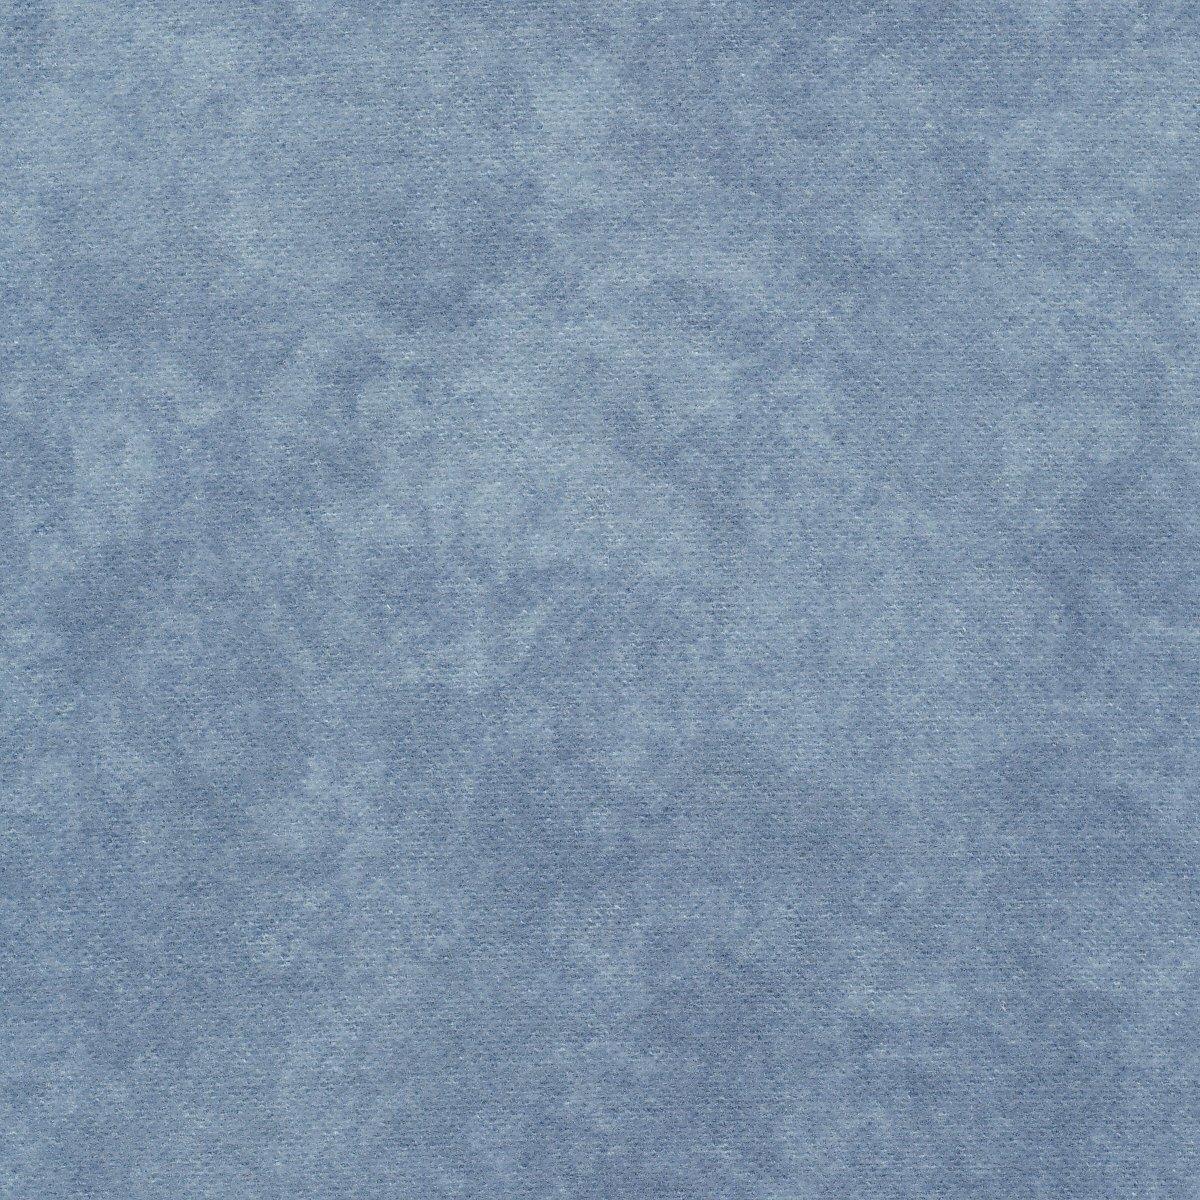 Shadow Play Flannel - Full Bolt - MASF513-B14 - FB